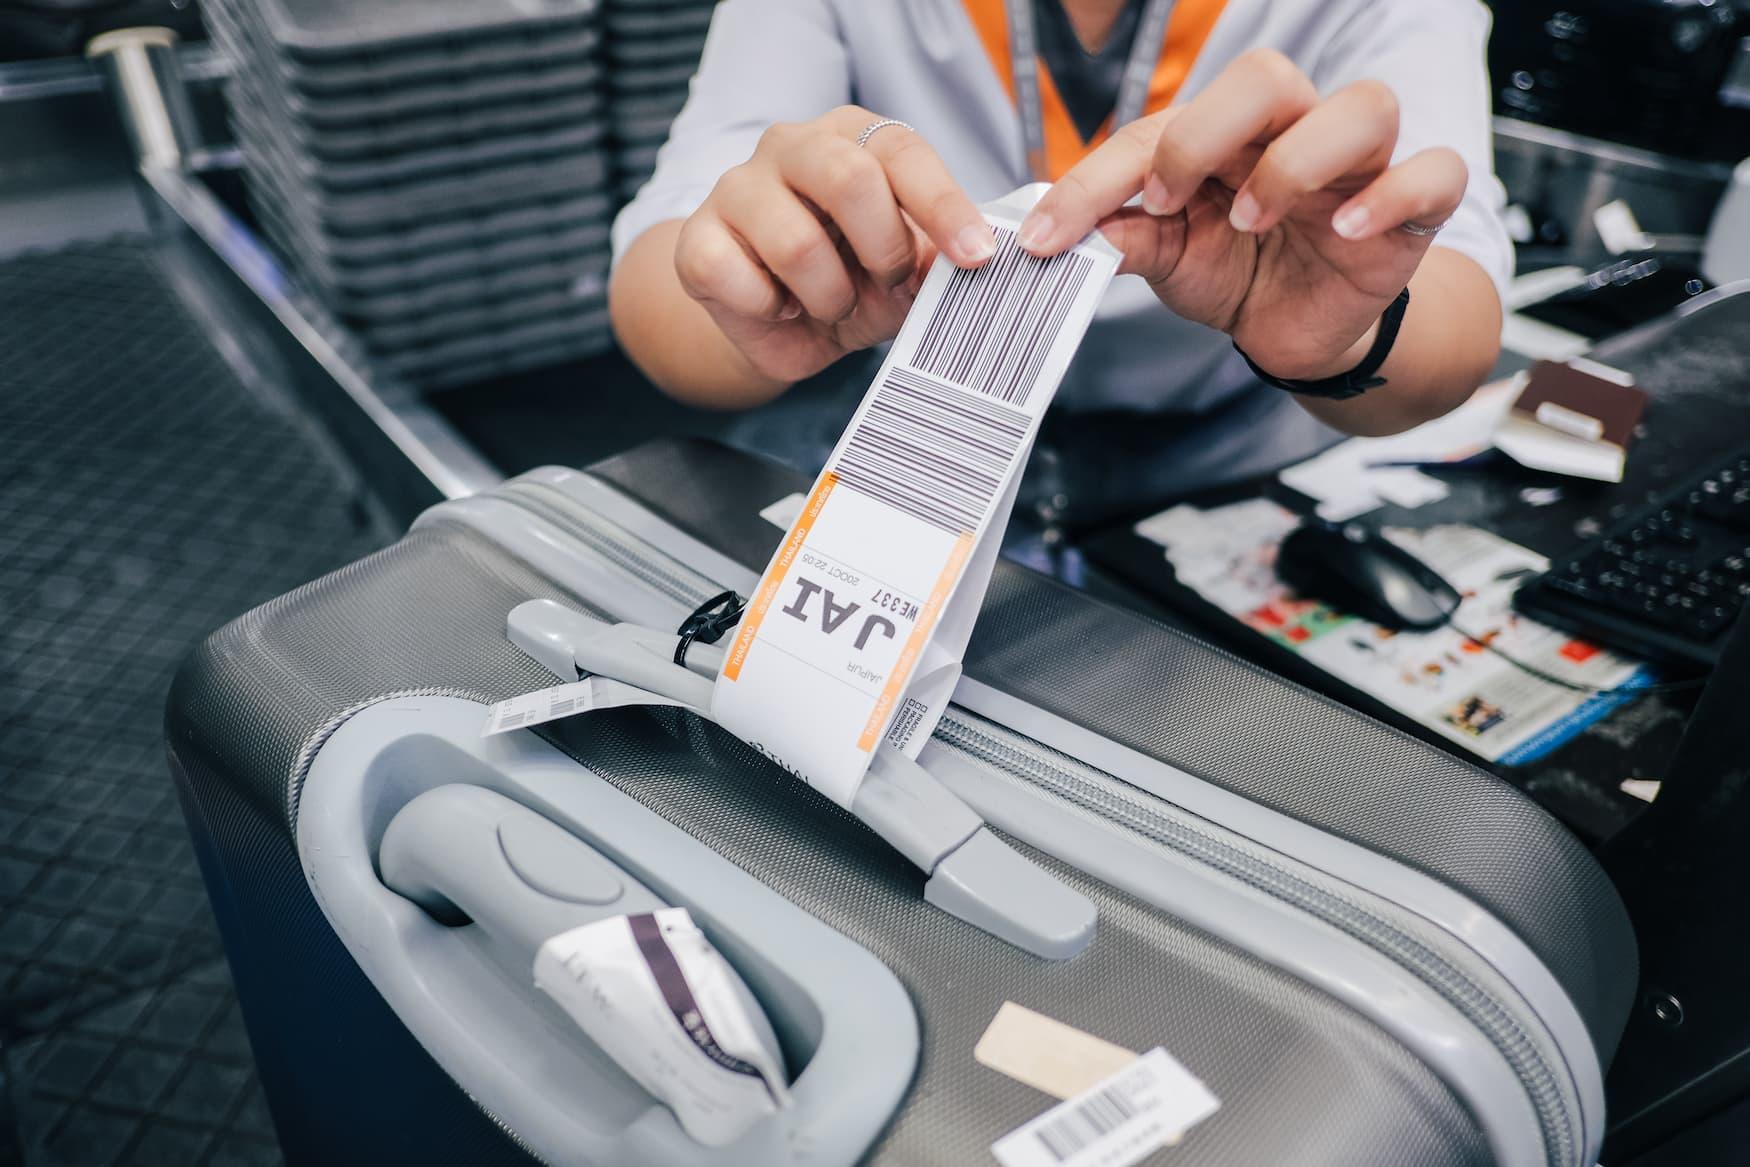 Online-Check-in verringert die Wartezeit an den Check in Schaltern der Flughäfen, so dass nur noch Gepäck abgegeben werden muss